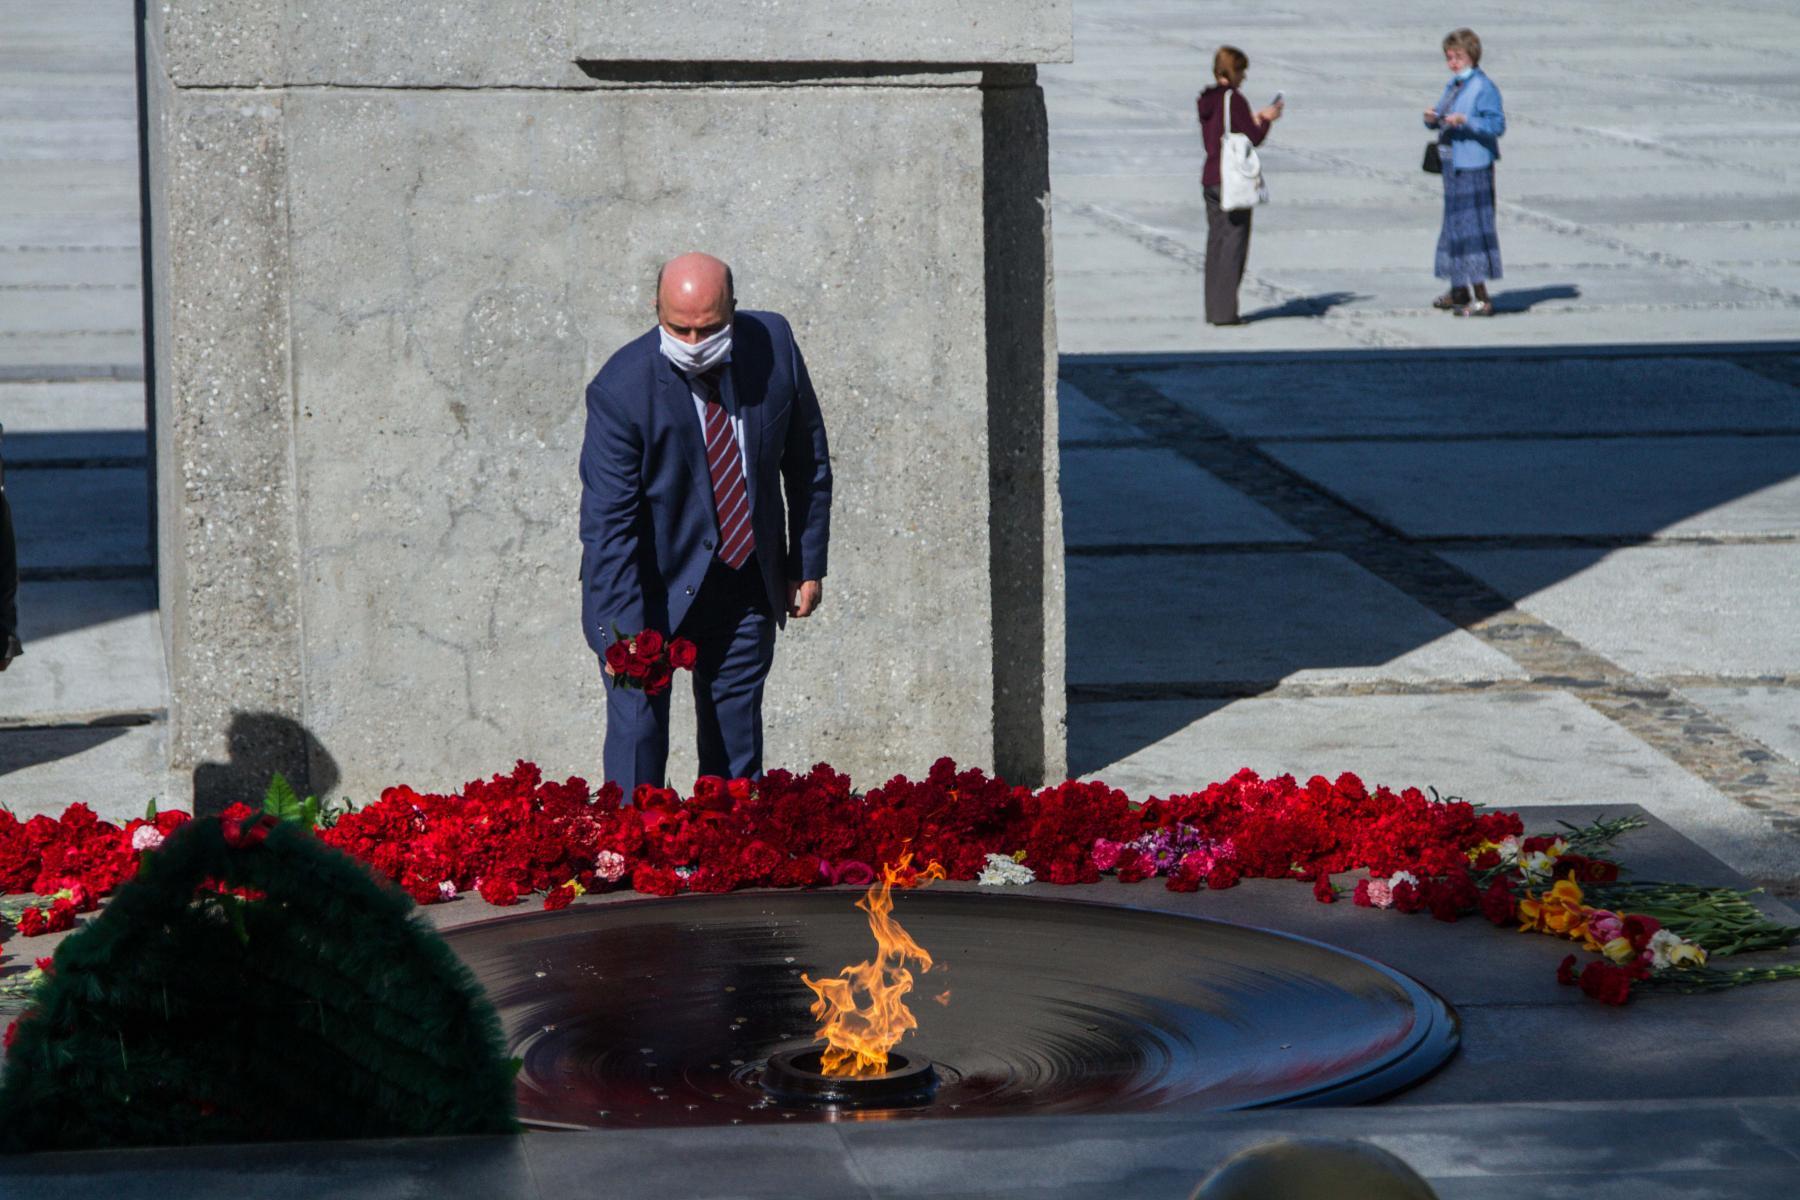 Фото Новосибирцы 9 мая идут к Вечному огню, несмотря на коронавирус 10